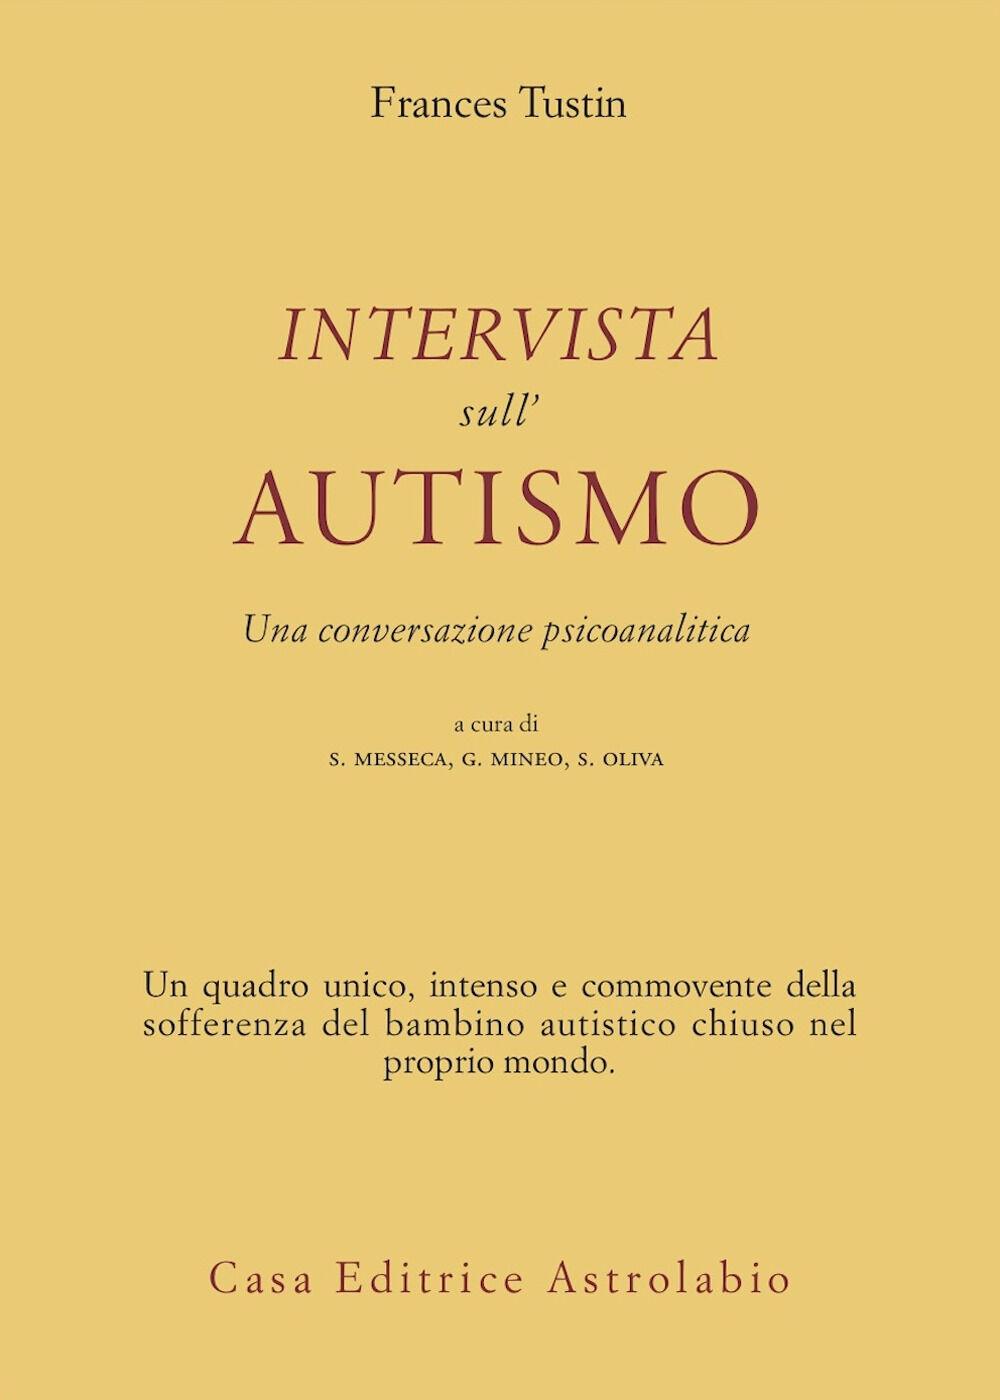 Intervista sull'autismo. Una conversazione psicoanalitica